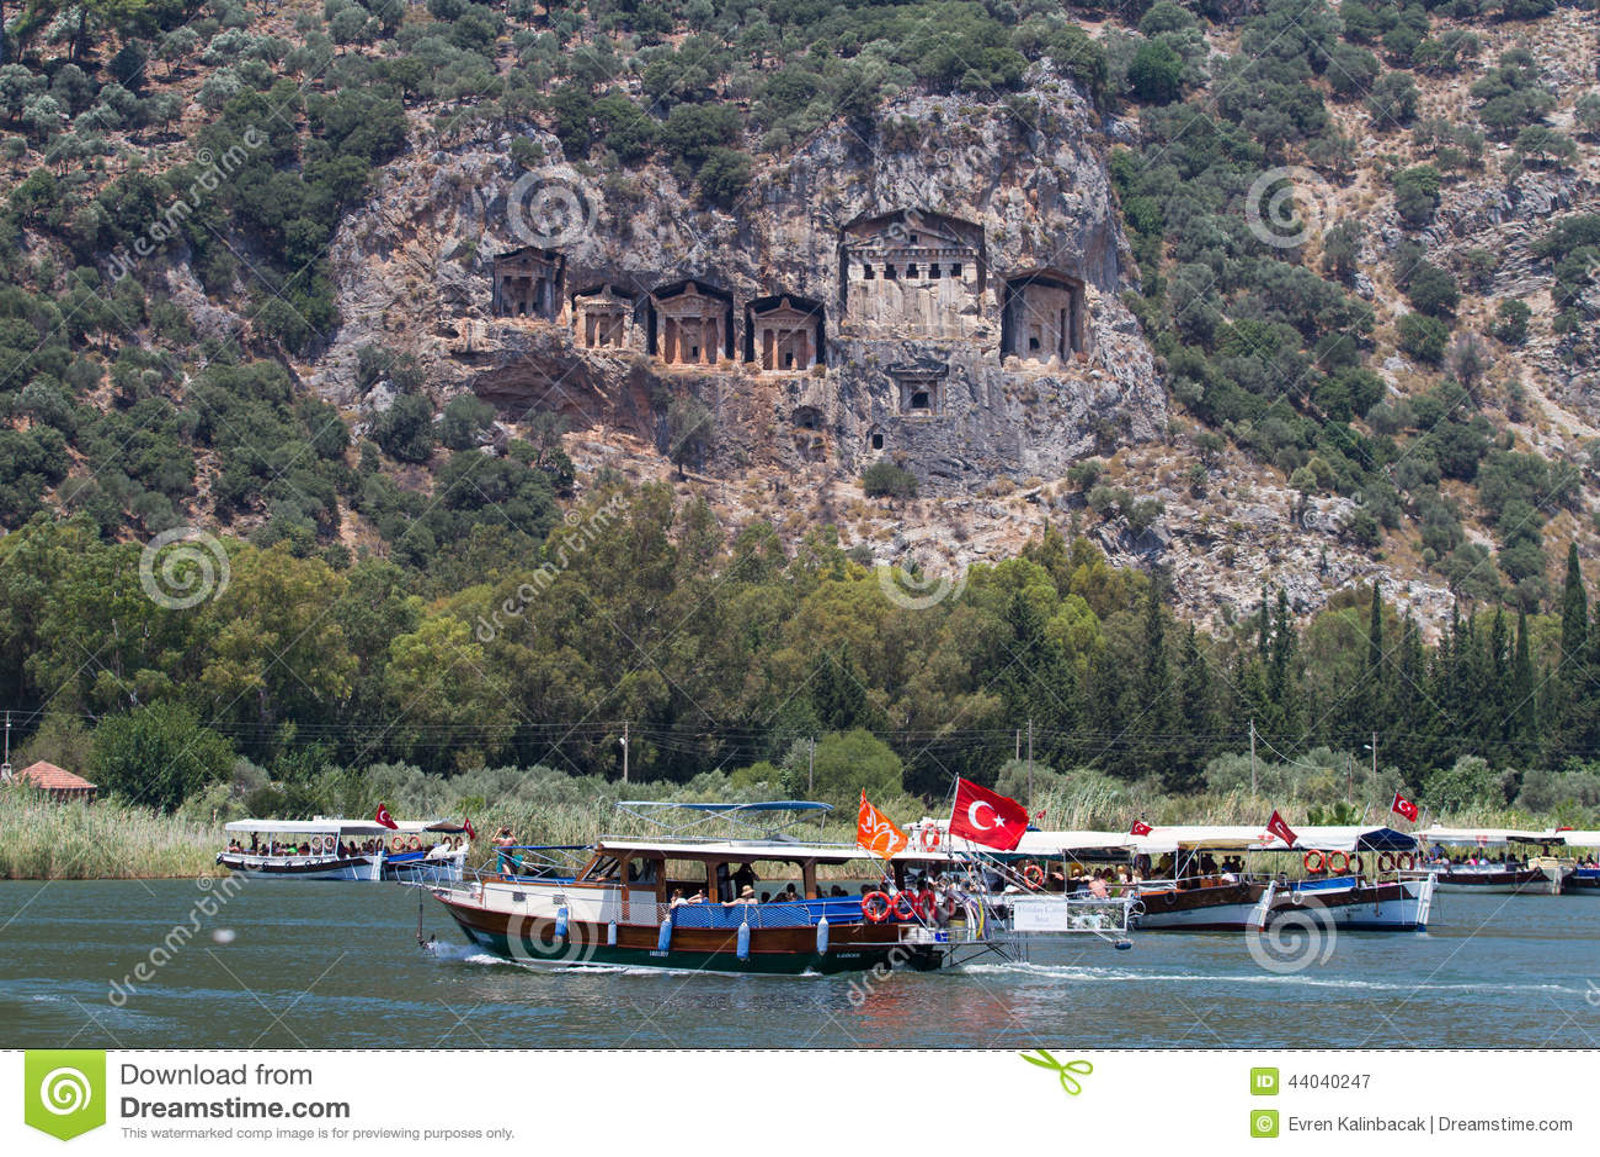 Mugla turkey july 20 2014 people in dalyan river tour river